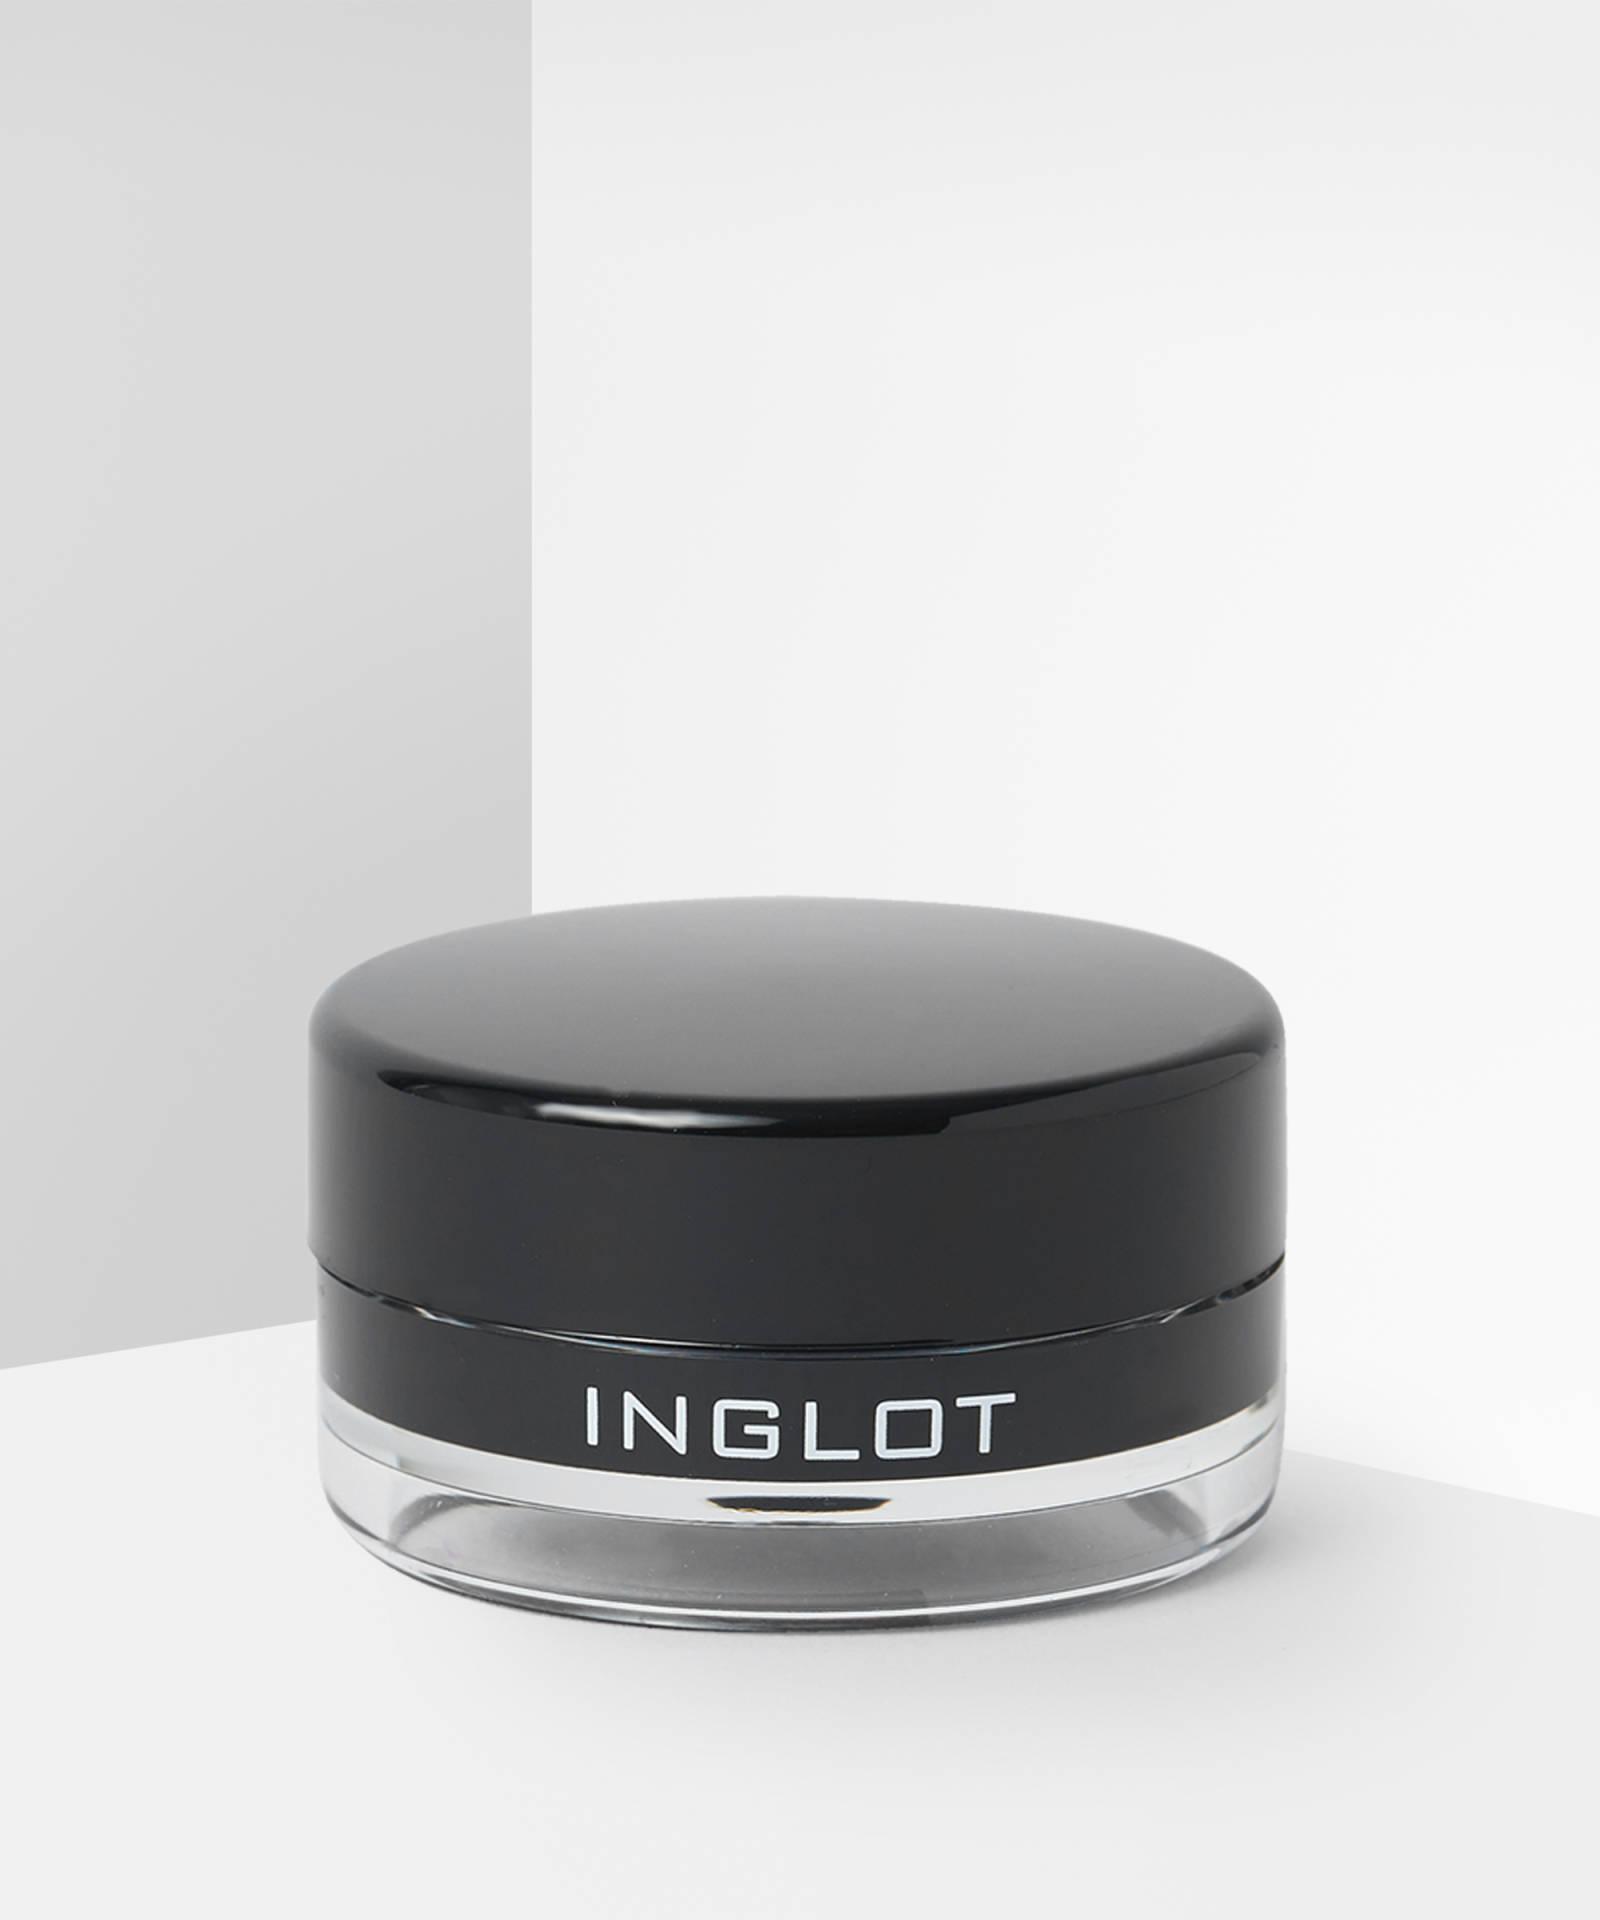 inglot liner